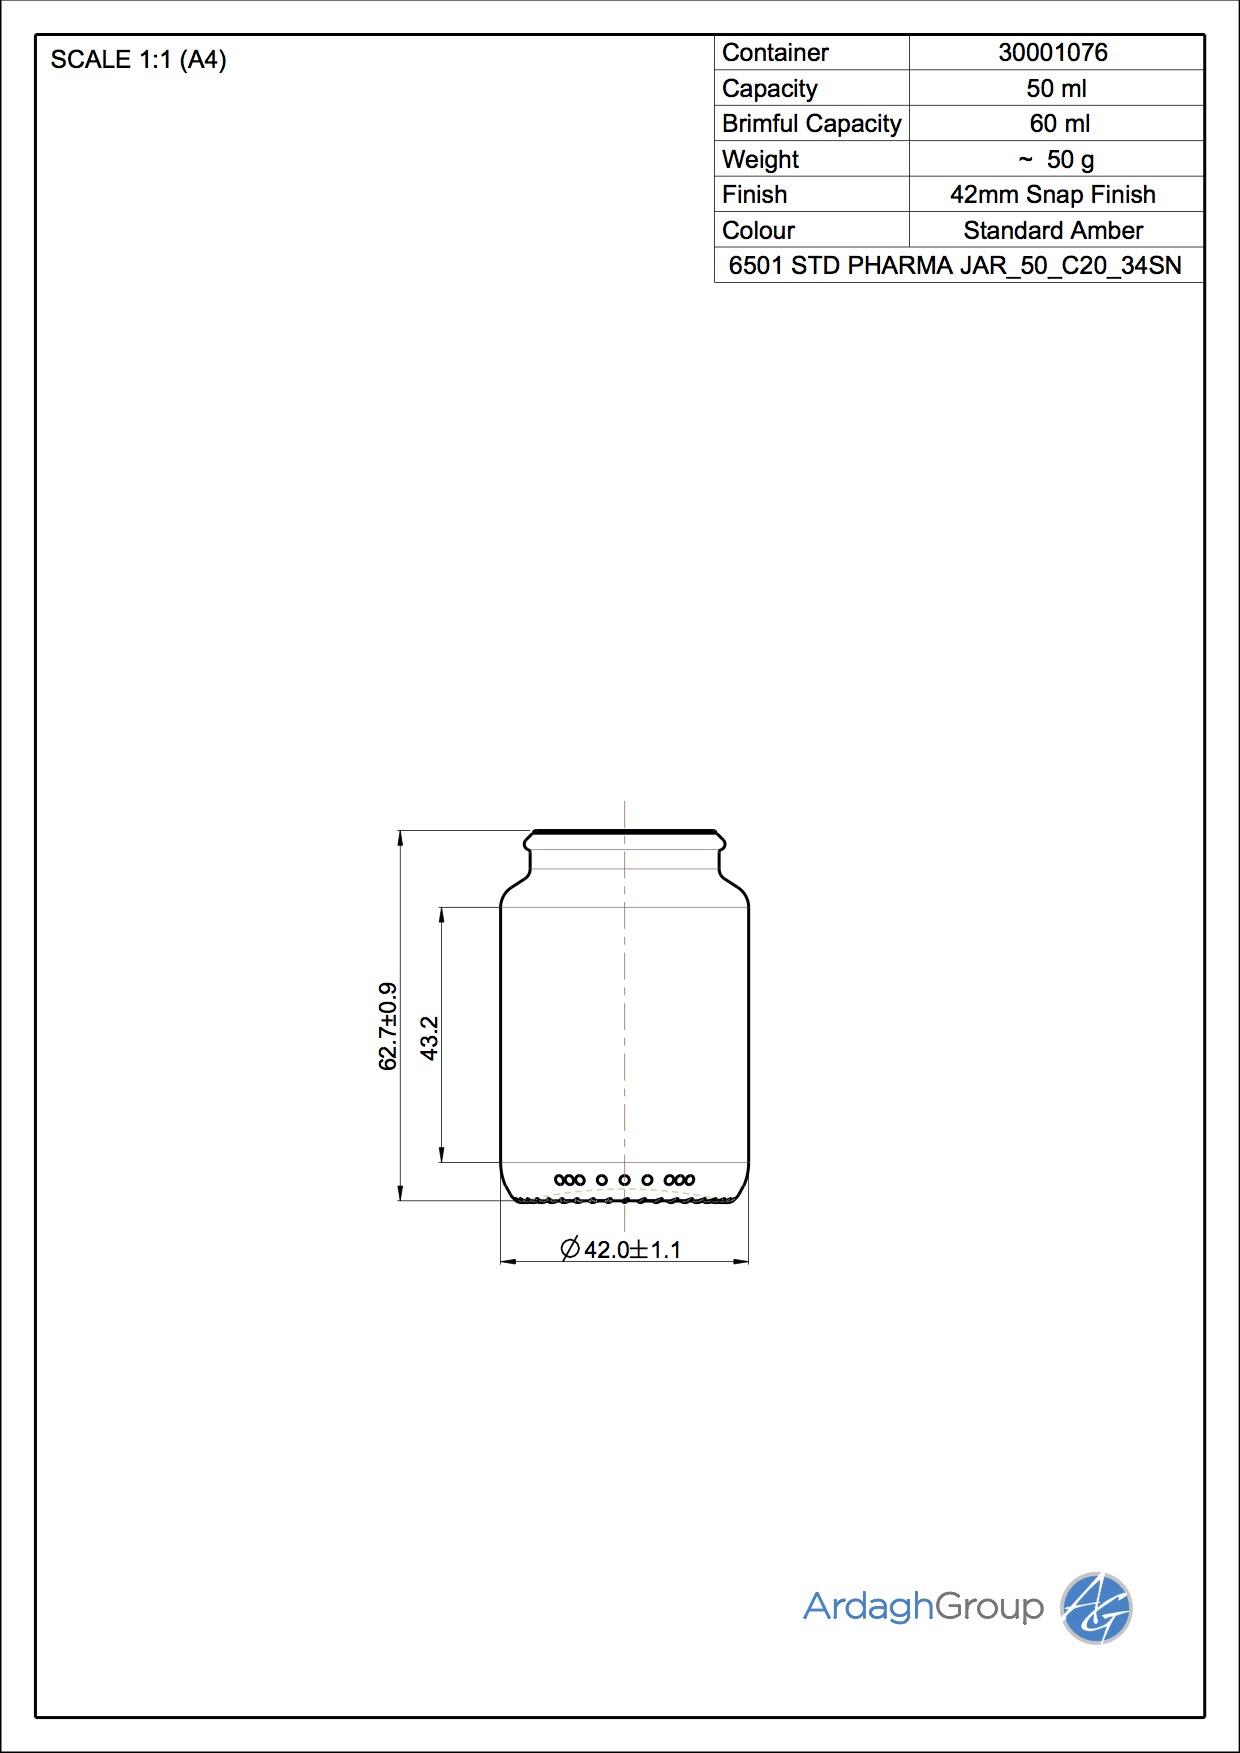 STD PHARMA JAR 50 C20 34SN